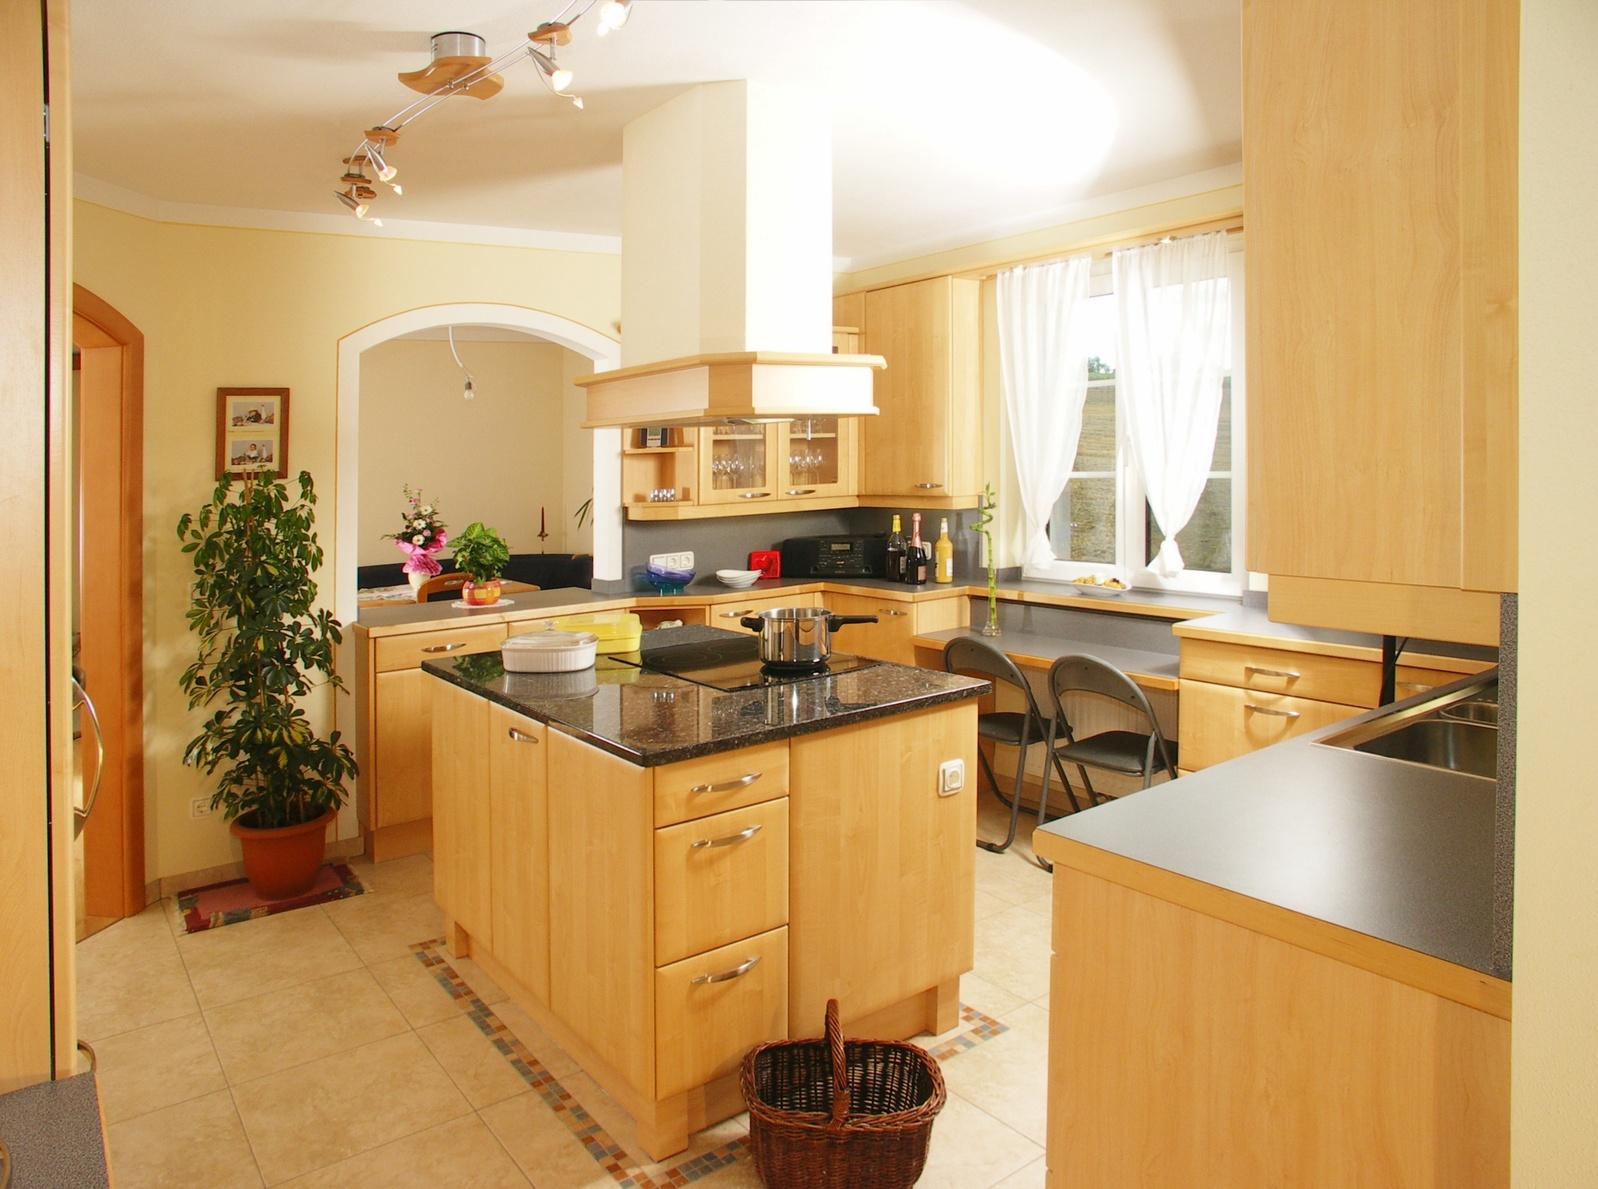 Ausgezeichnet Kücheninsel Aufnahme Bilder - Küchenschrank Ideen ...